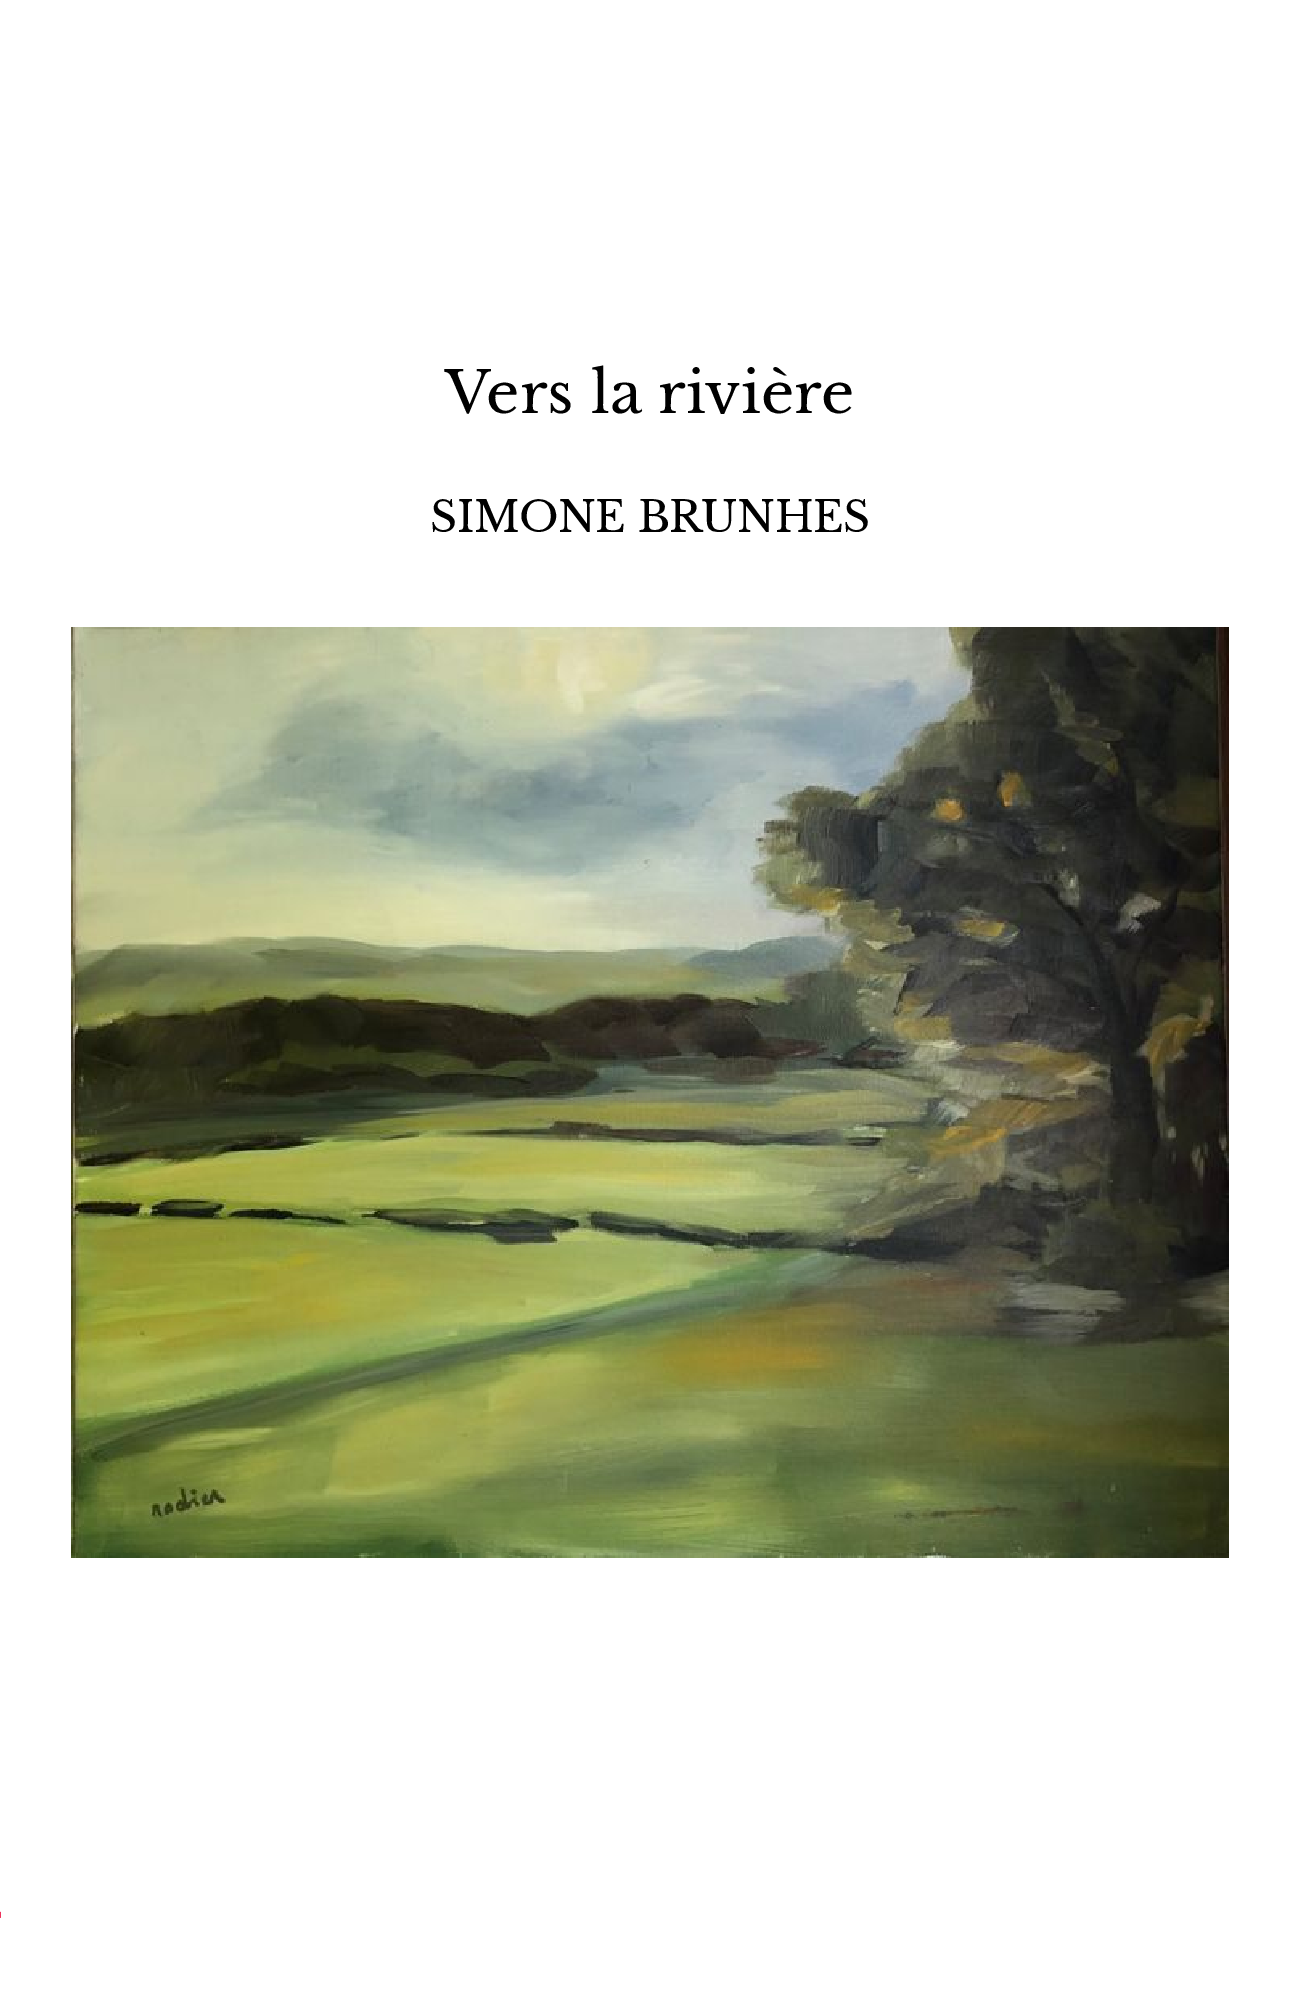 Vers la rivière